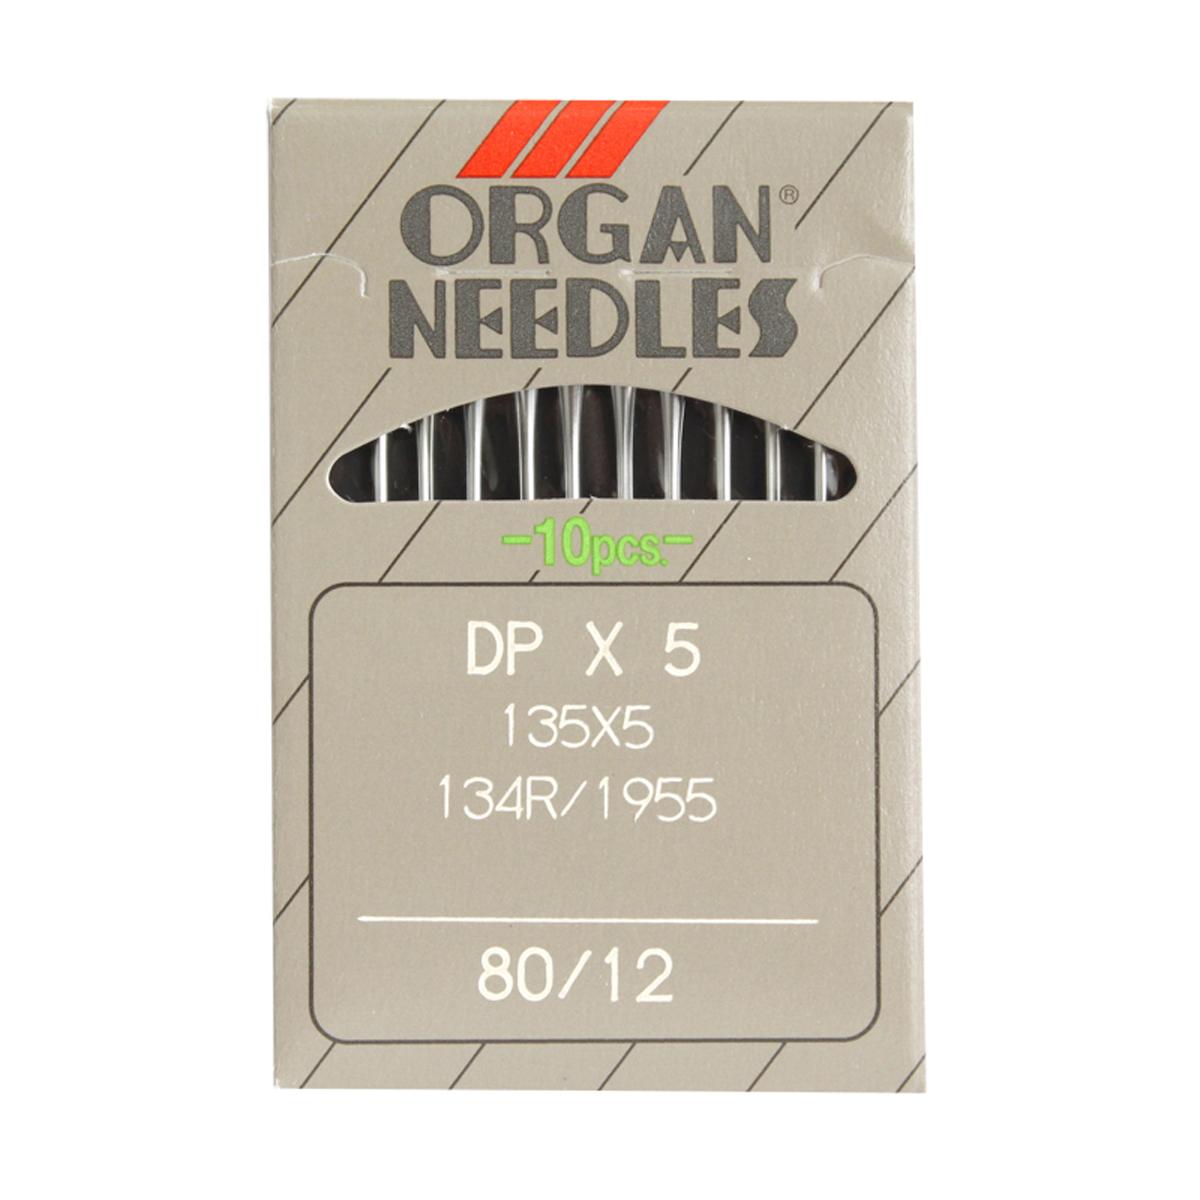 Иглы для промышленных швейных машин Organ, DPx5/80, 10 шт162287Иглы для промышленных швейных машин Organ с маркировкой DPx5 предназначены для прямострочных швейных машин. Иглы используются для пошива всех видов тканей. Острие игл тонкое, стандартное.Предназначены для машин 22, 1022, 25, 26, 57, 225, 226, 260, 272, 302, 322М, 426, 431, 436, 525, 570, 625, 725, 803, 820, 822, 826, 851, 852, 862, 897, 925, 1052, 1126, 1324, 1622, 1822, 1852, 1862, 3022М классов и импортных аналогов. В промышленных машинах используются иглы с круглыми колбами, в отличие от игл бытовых машин, у которых колбы плоские. Круглая колба позволяет при наладке машины и установке иглы поворачивать (вращать) иглу, закрепляя ее в нужном положении. Диаметр колбы: 2,02 мм. Длина иглы: 33,9 мм. Номер игл: 80.